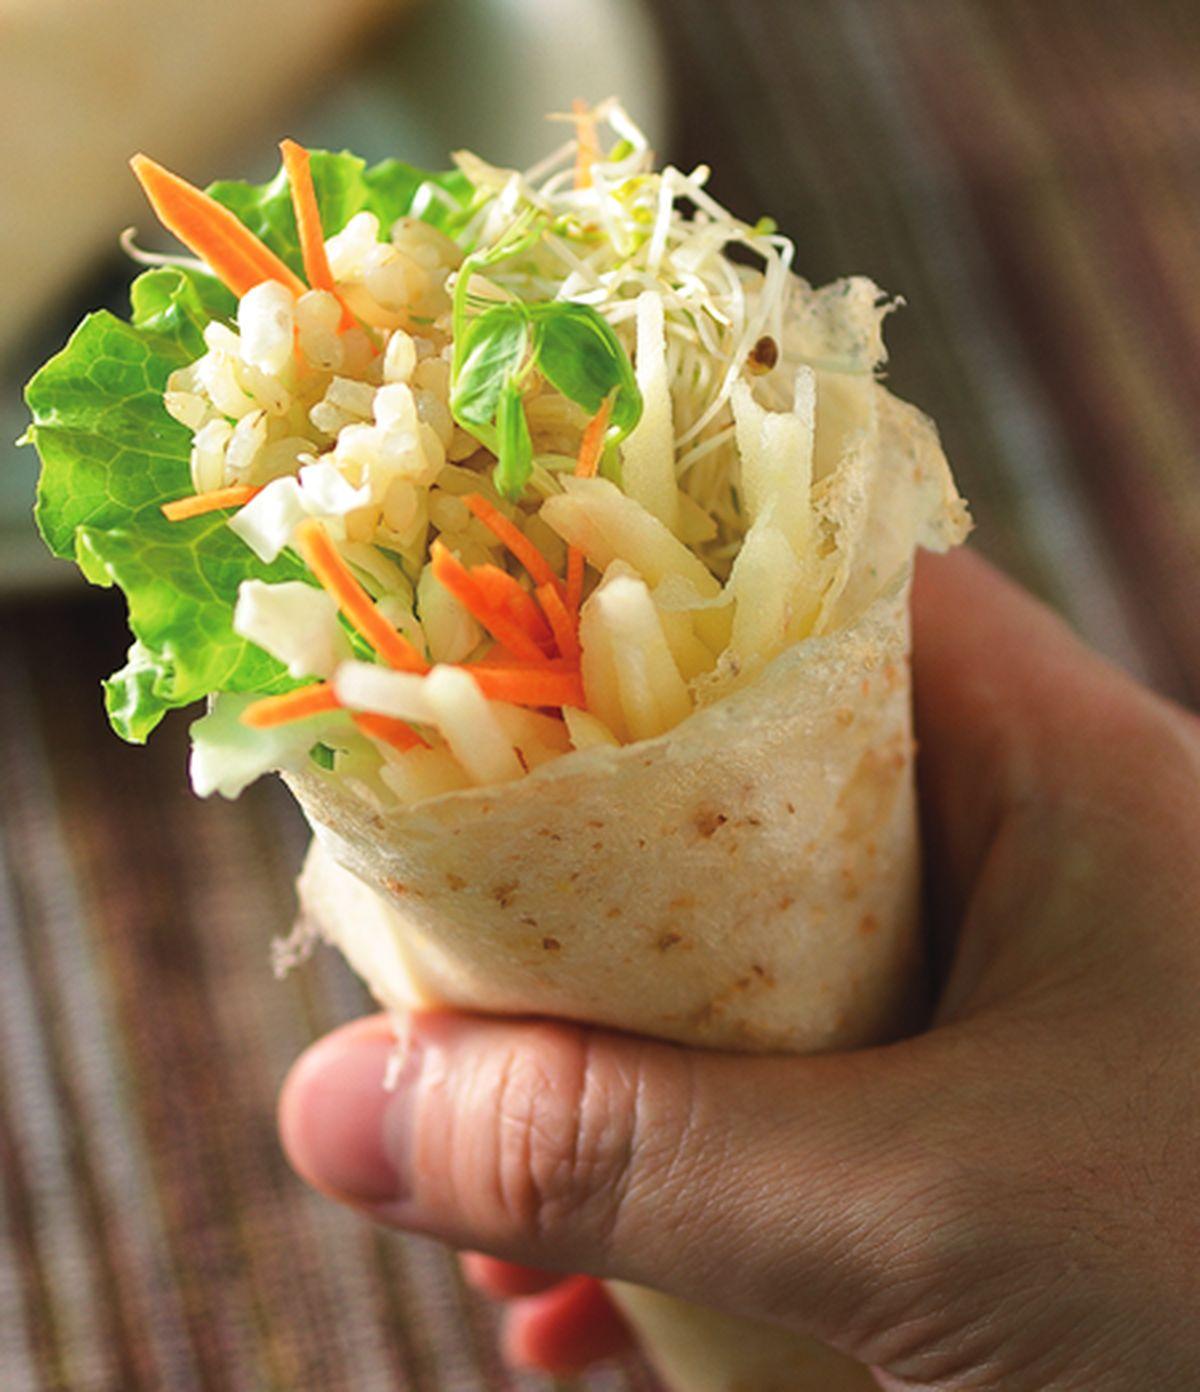 食譜:糙米蔬菜卷